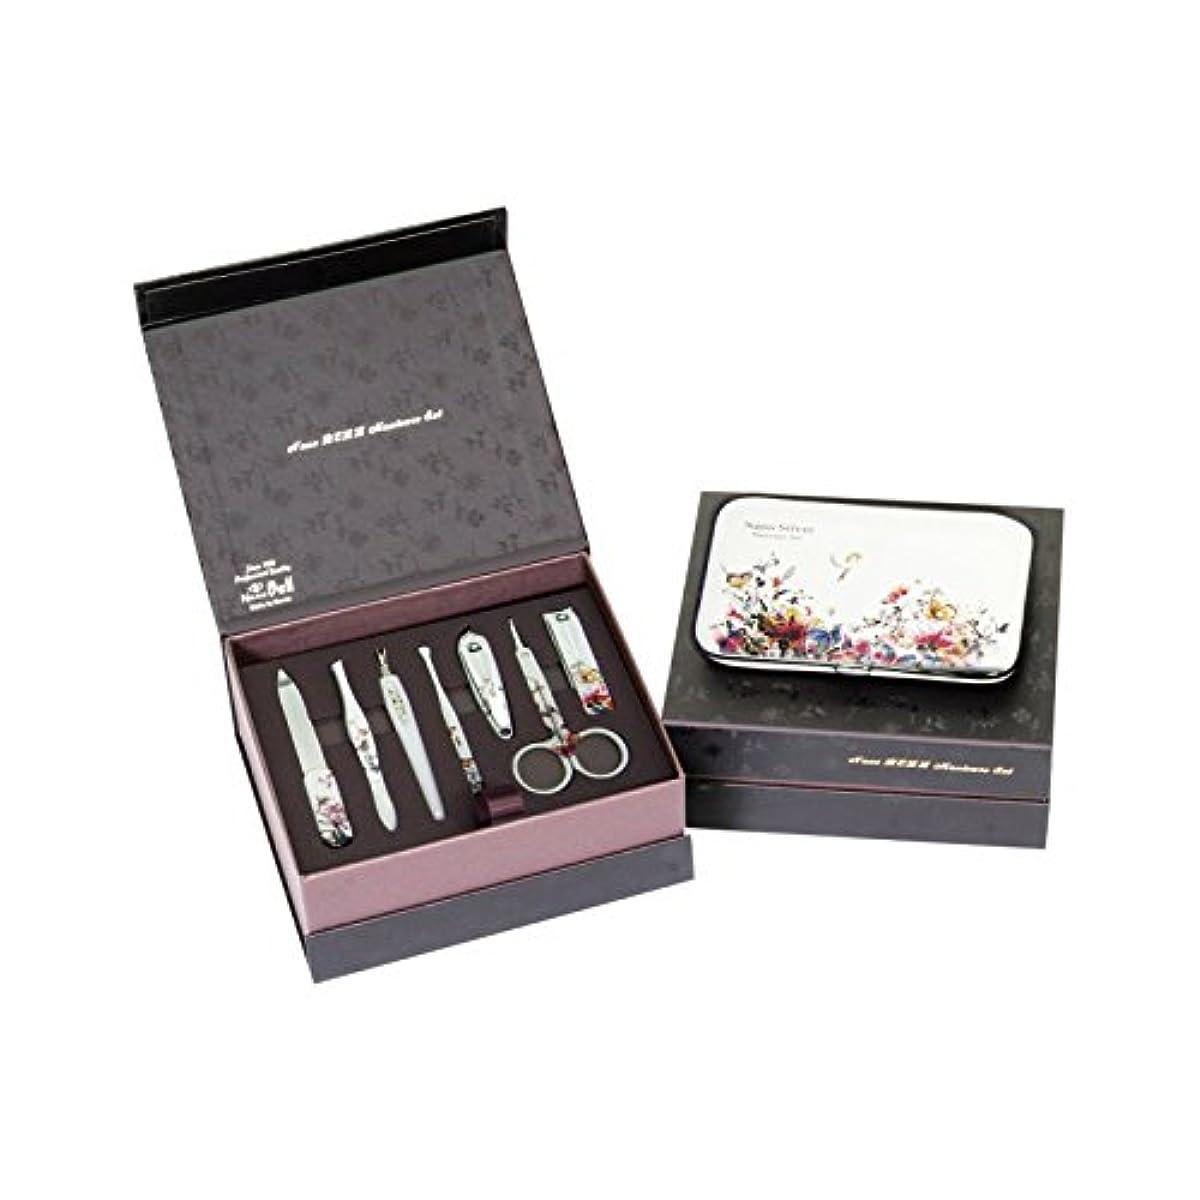 ヒューバートハドソン変わる例示するMETAL BELL Manicure Sets BN-8177B ポータブル爪の管理セット爪切りセット 高品質のネイルケアセット高級感のある東洋画のデザイン Portable Nail Clippers Nail Care...